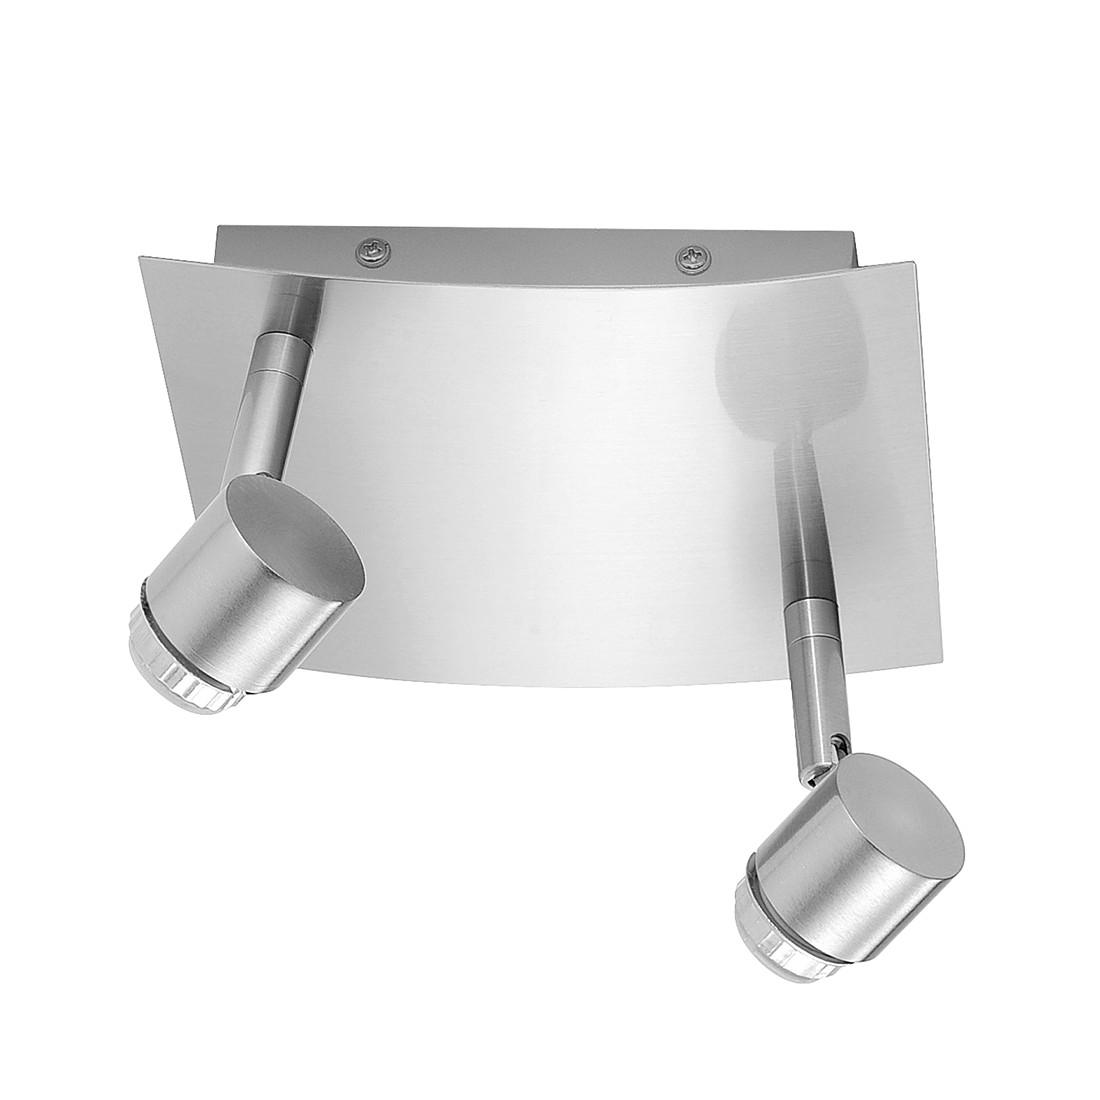 cristallo luce soffitto 2 anelli lampada sospensione prezzo e offerte sottocosto. Black Bedroom Furniture Sets. Home Design Ideas